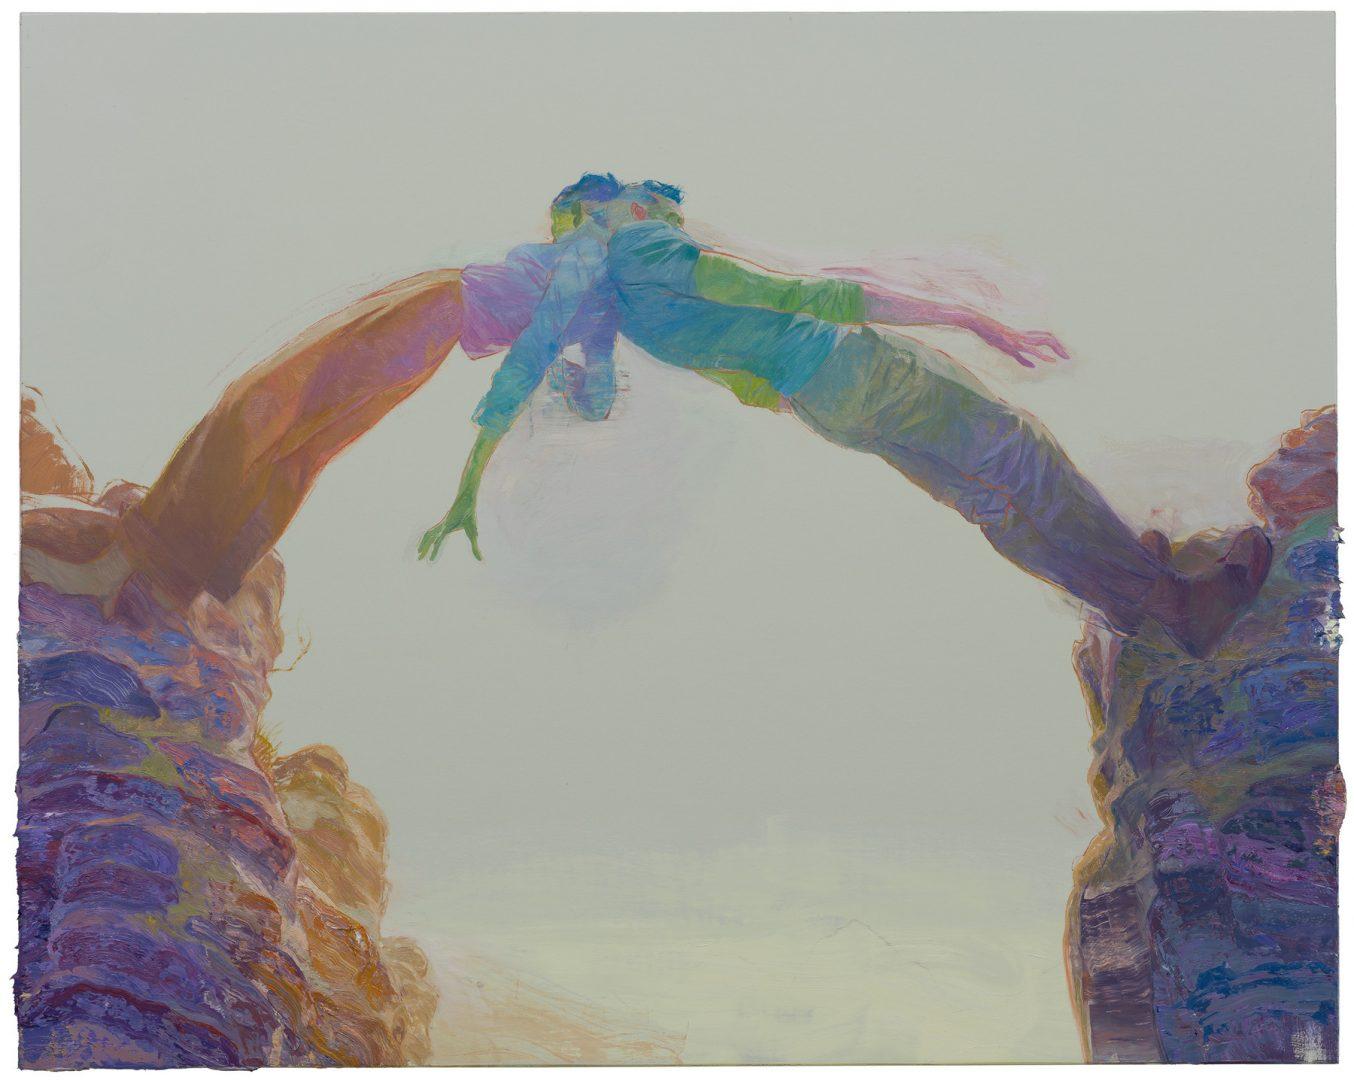 Ruprecht von Kaufmann, Regenbogen, 2019, Öl auf Linoleum auf Holz, 122,5 x 153 cm,  Courtesy Galerie Thomas Fuchs